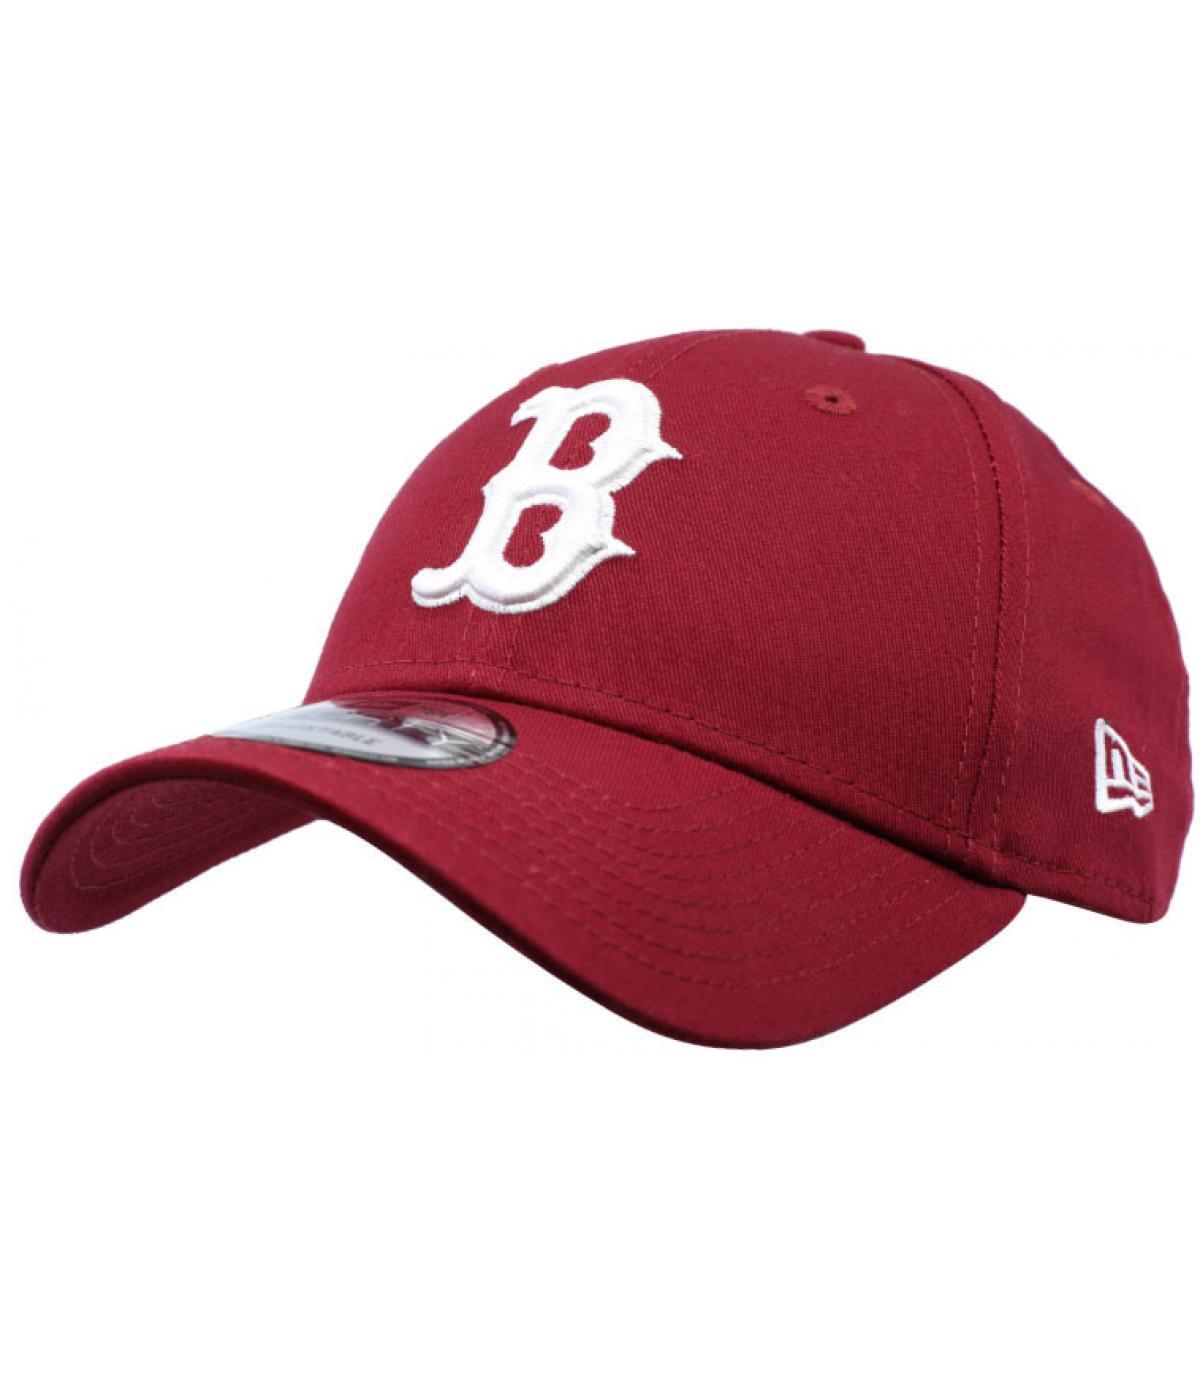 Détails League Ess 9Forty Boston cardinal - image 2